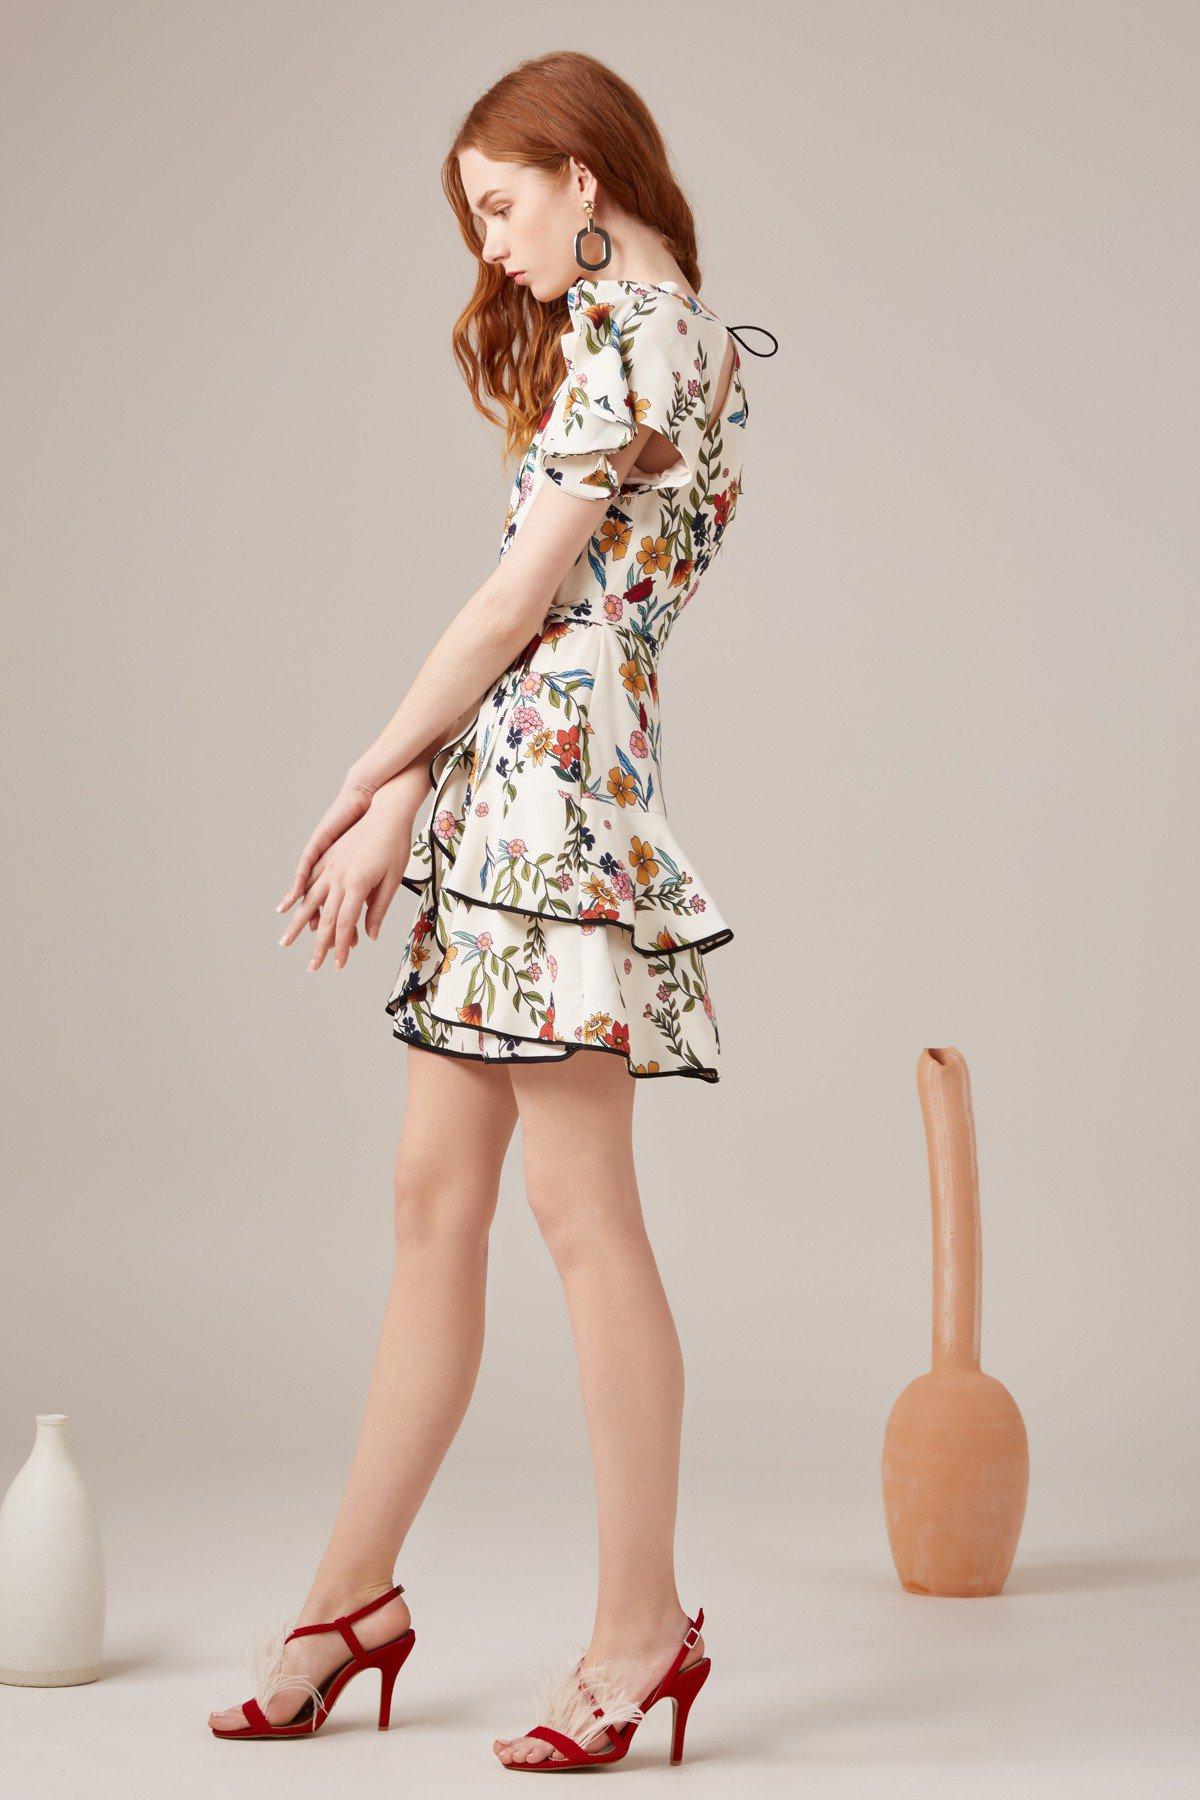 Shop C/MEO Entitle Mini Dress.